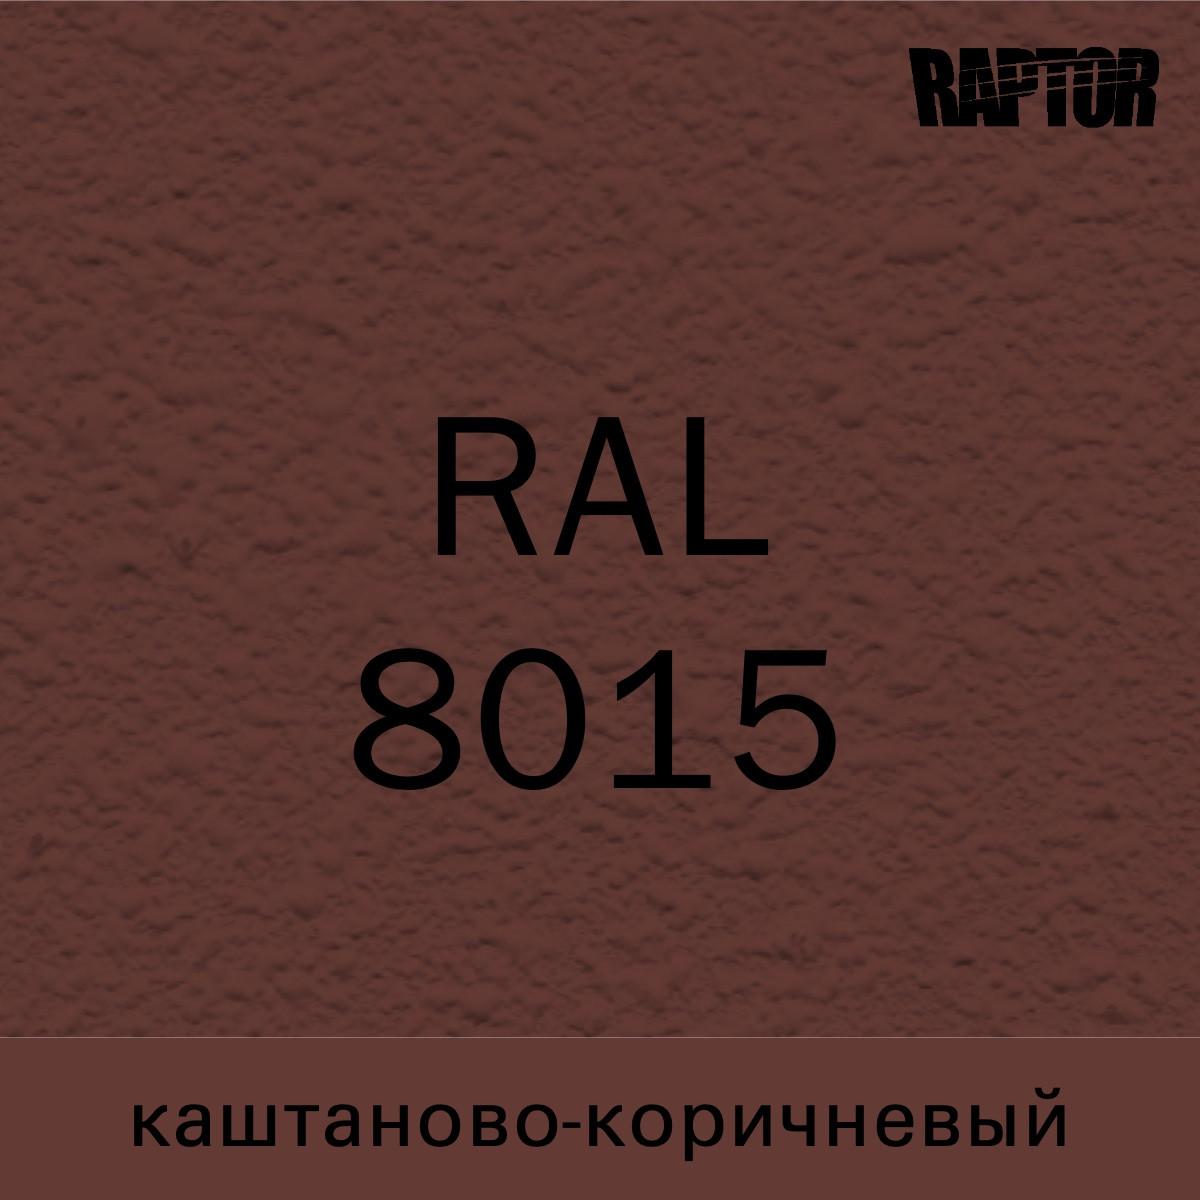 Пигмент для колеровки покрытия RAPTOR™ Каштаново-коричневый (RAL 8015)